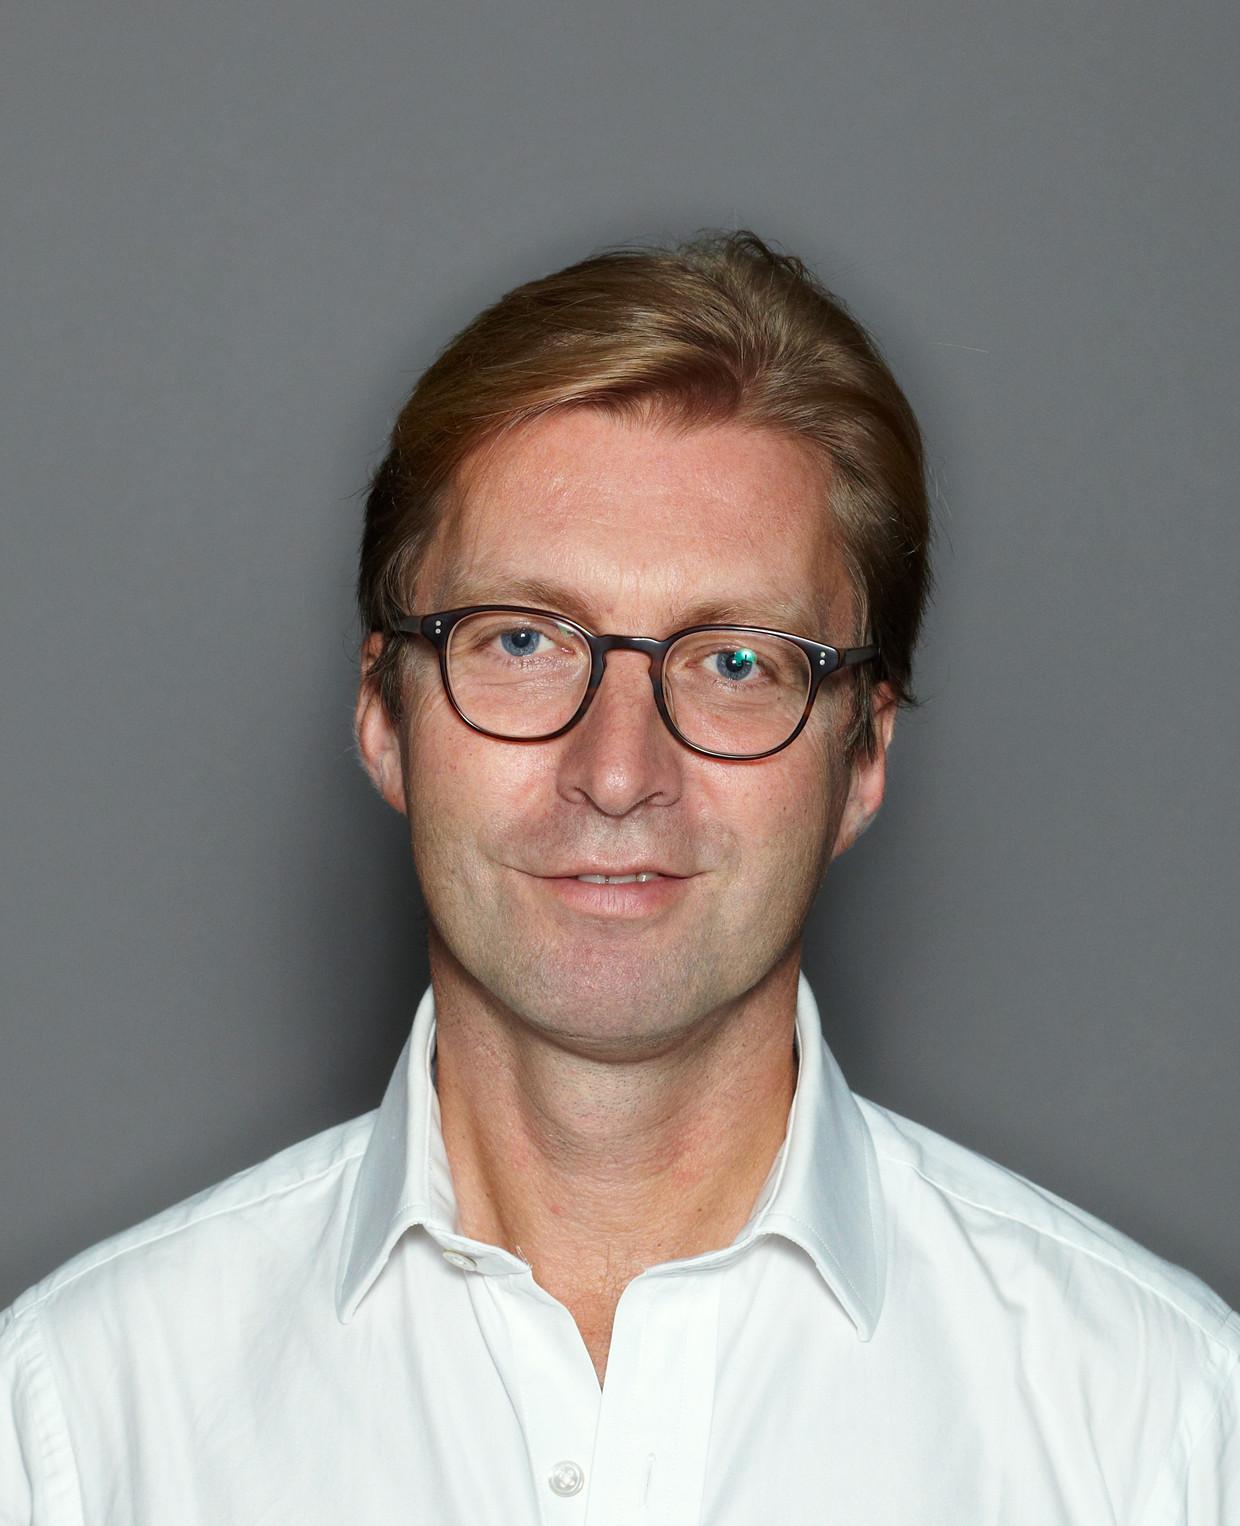 Hoofddirecteur van het Rijksmuseum Taco Dibbits. Beeld Daniel Cohen